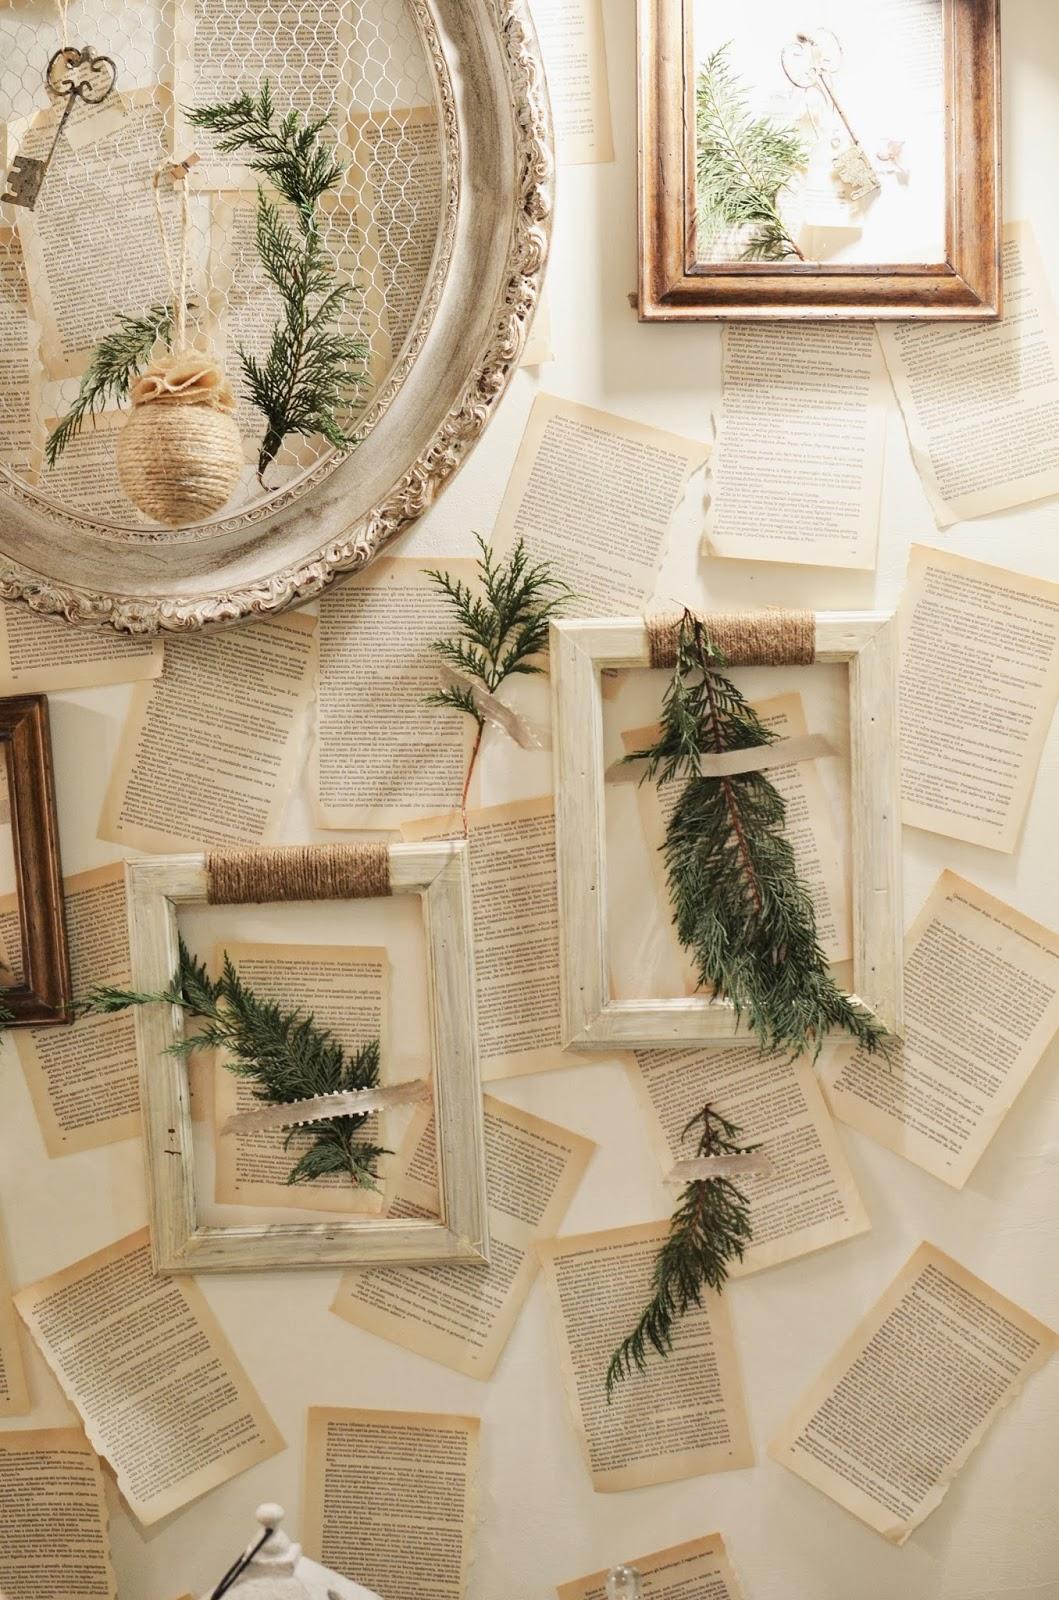 Complenti d 39 arredo decorazione interni cannelle et vanille for Decorazione interni